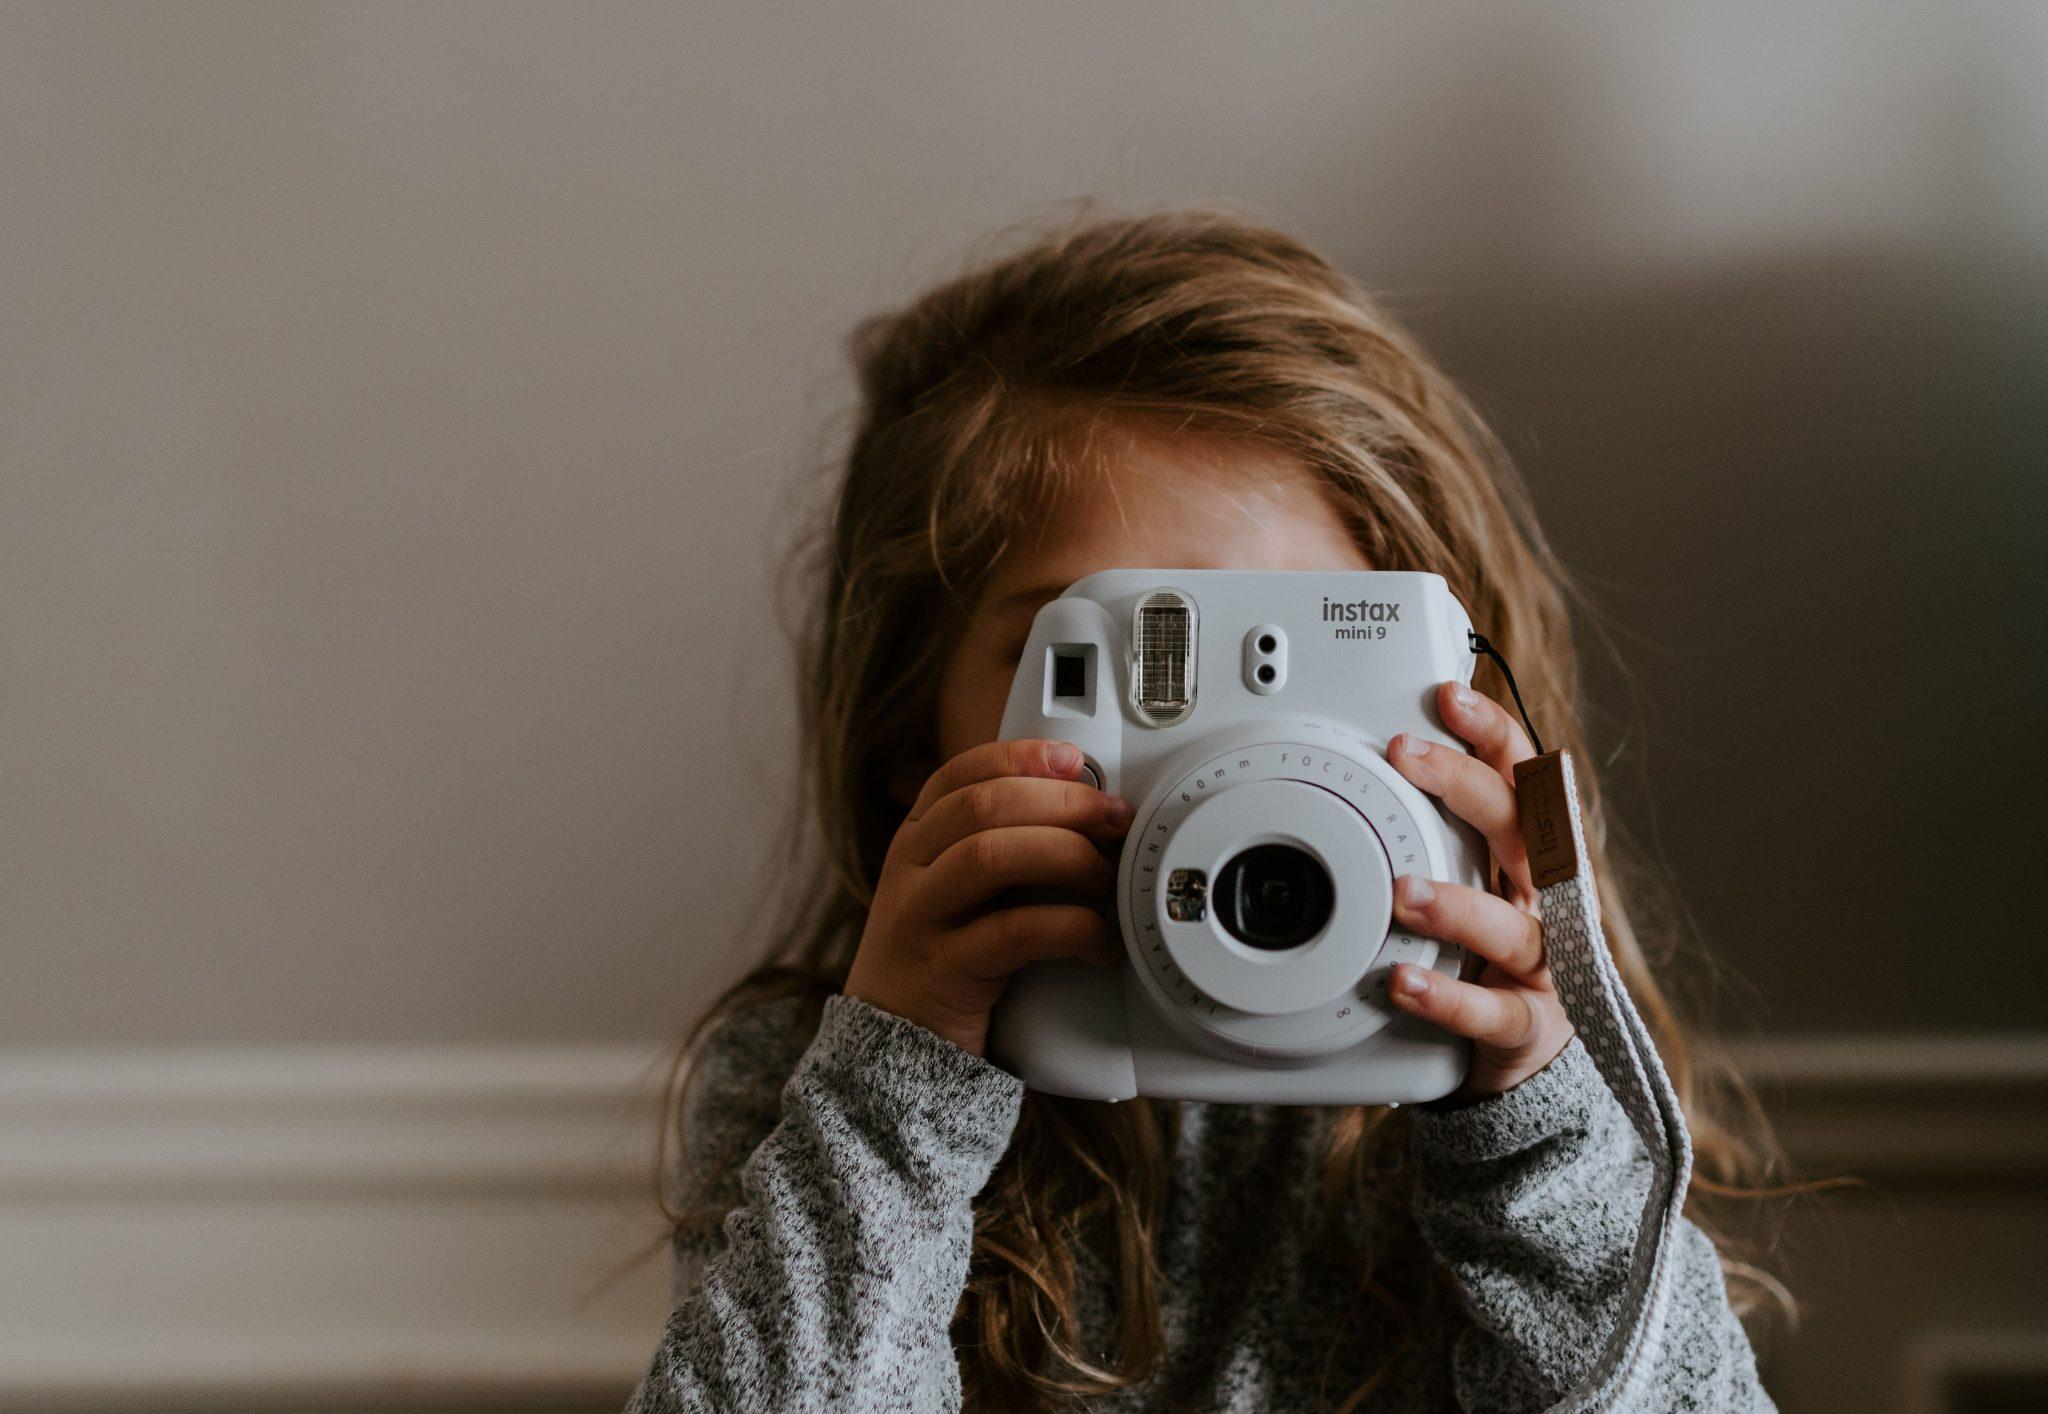 商品写真の撮影について